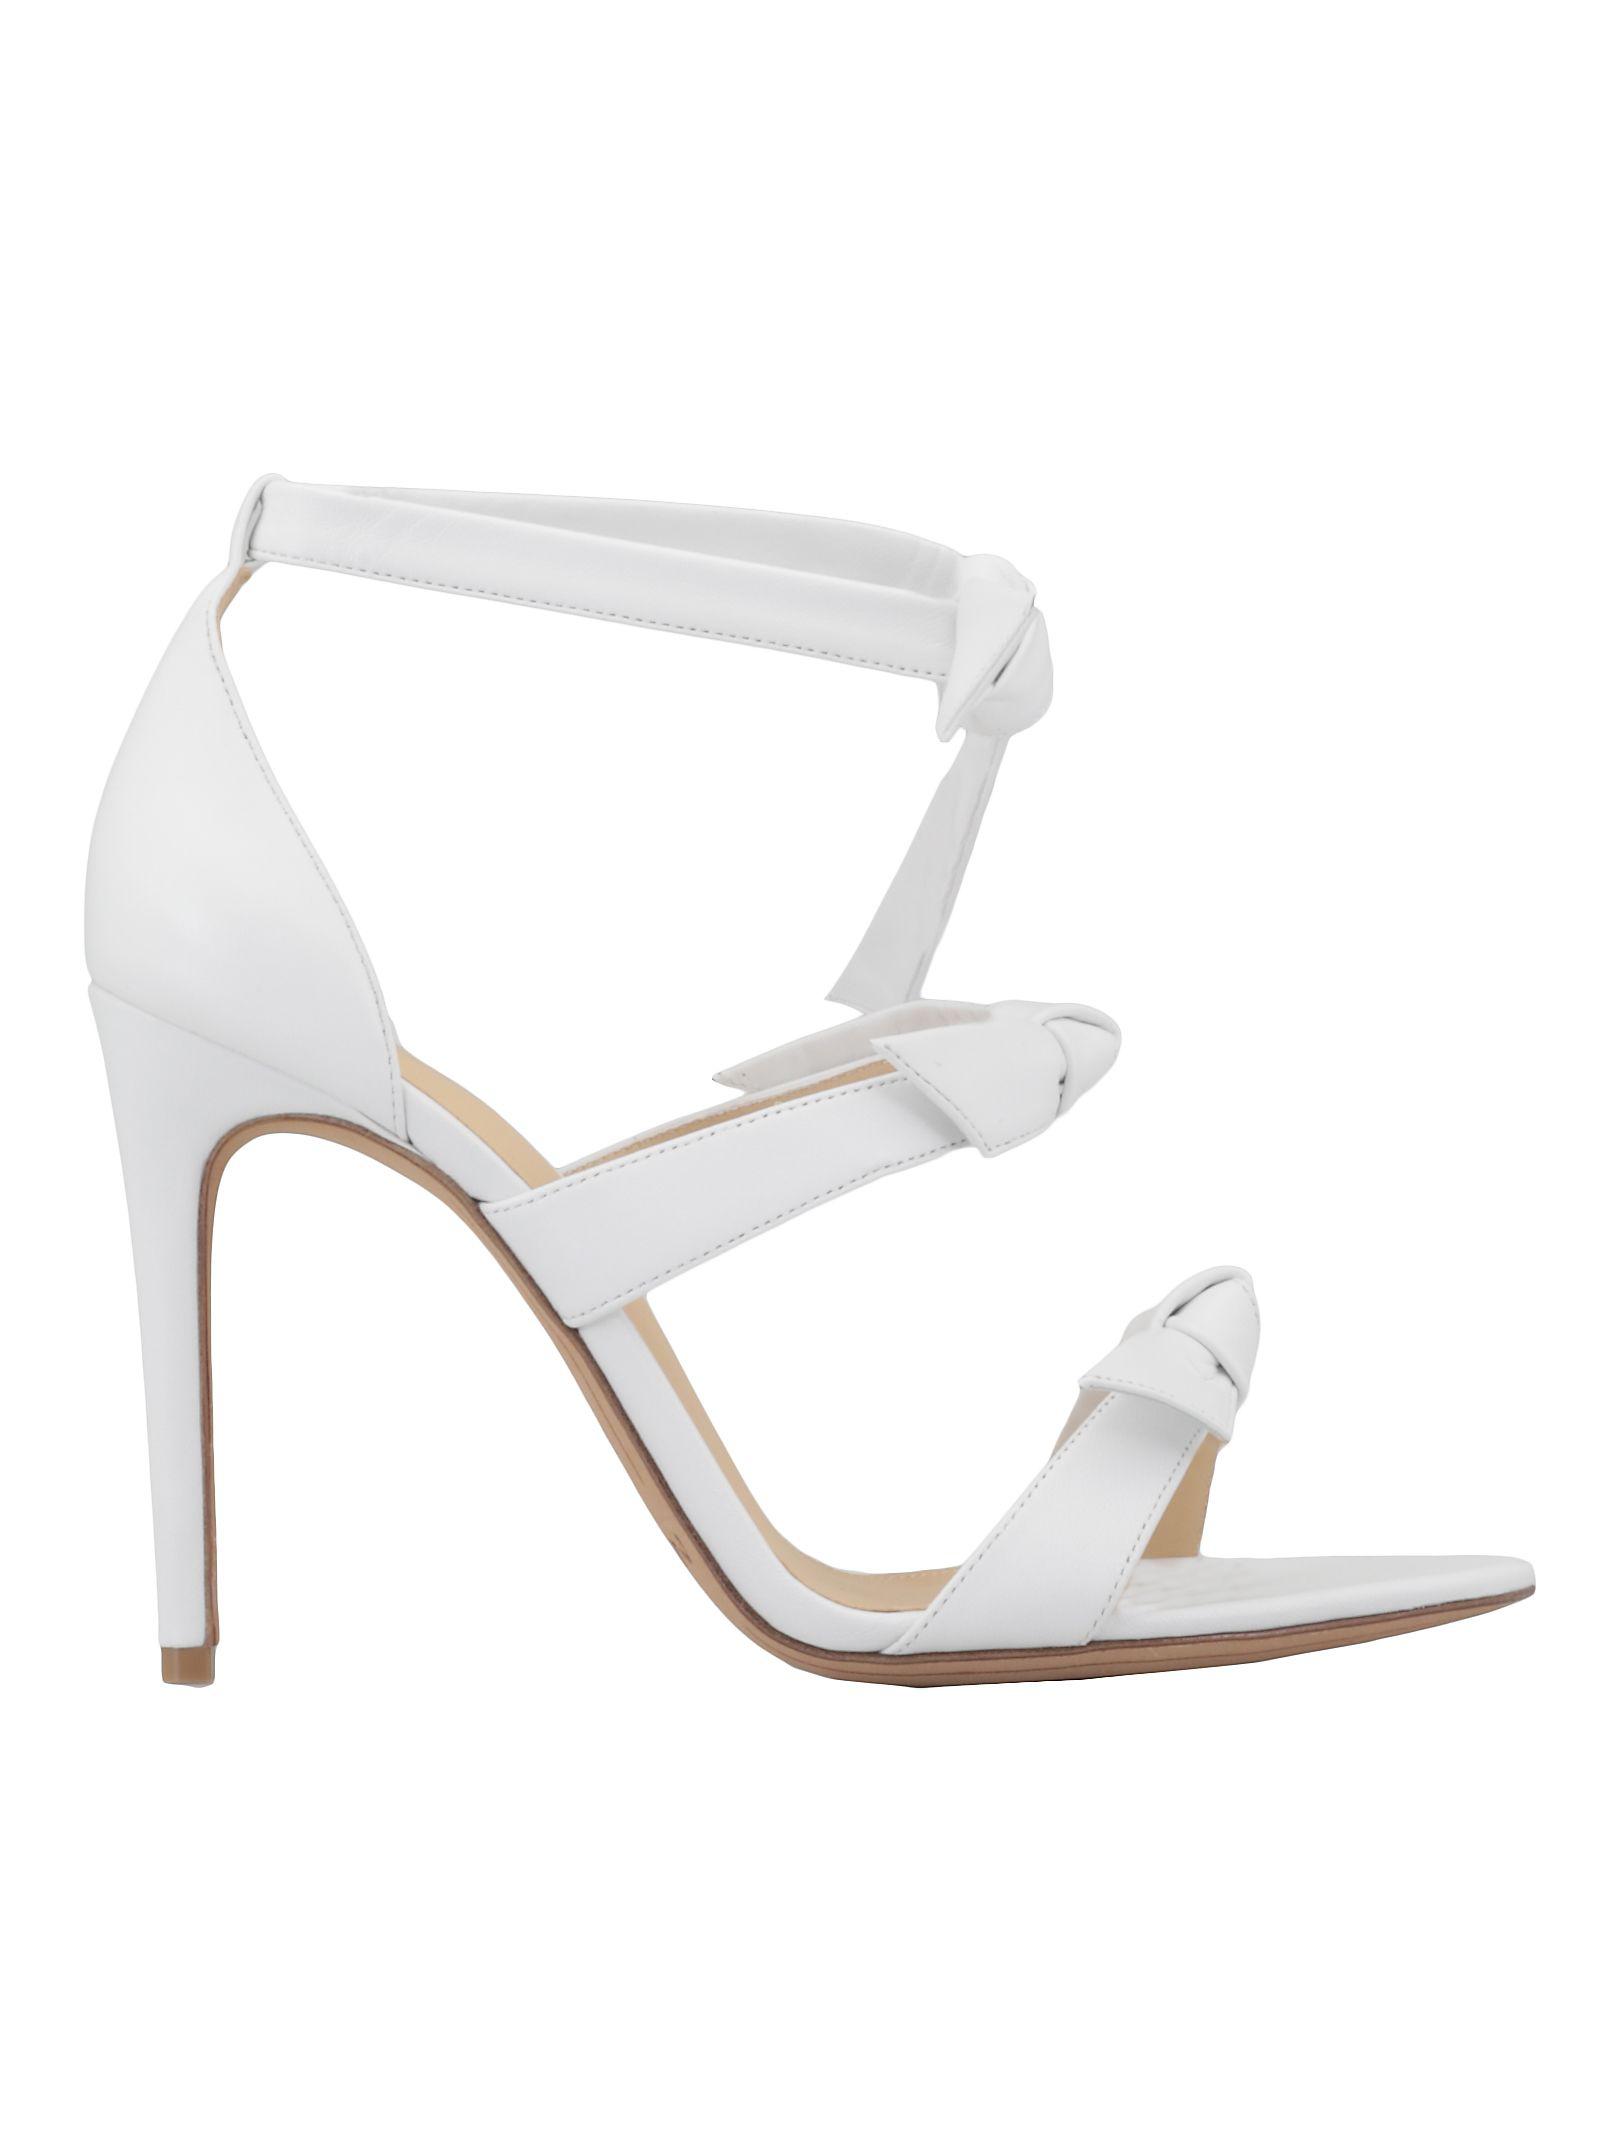 Alexandre Birman Gianna Sandal In White